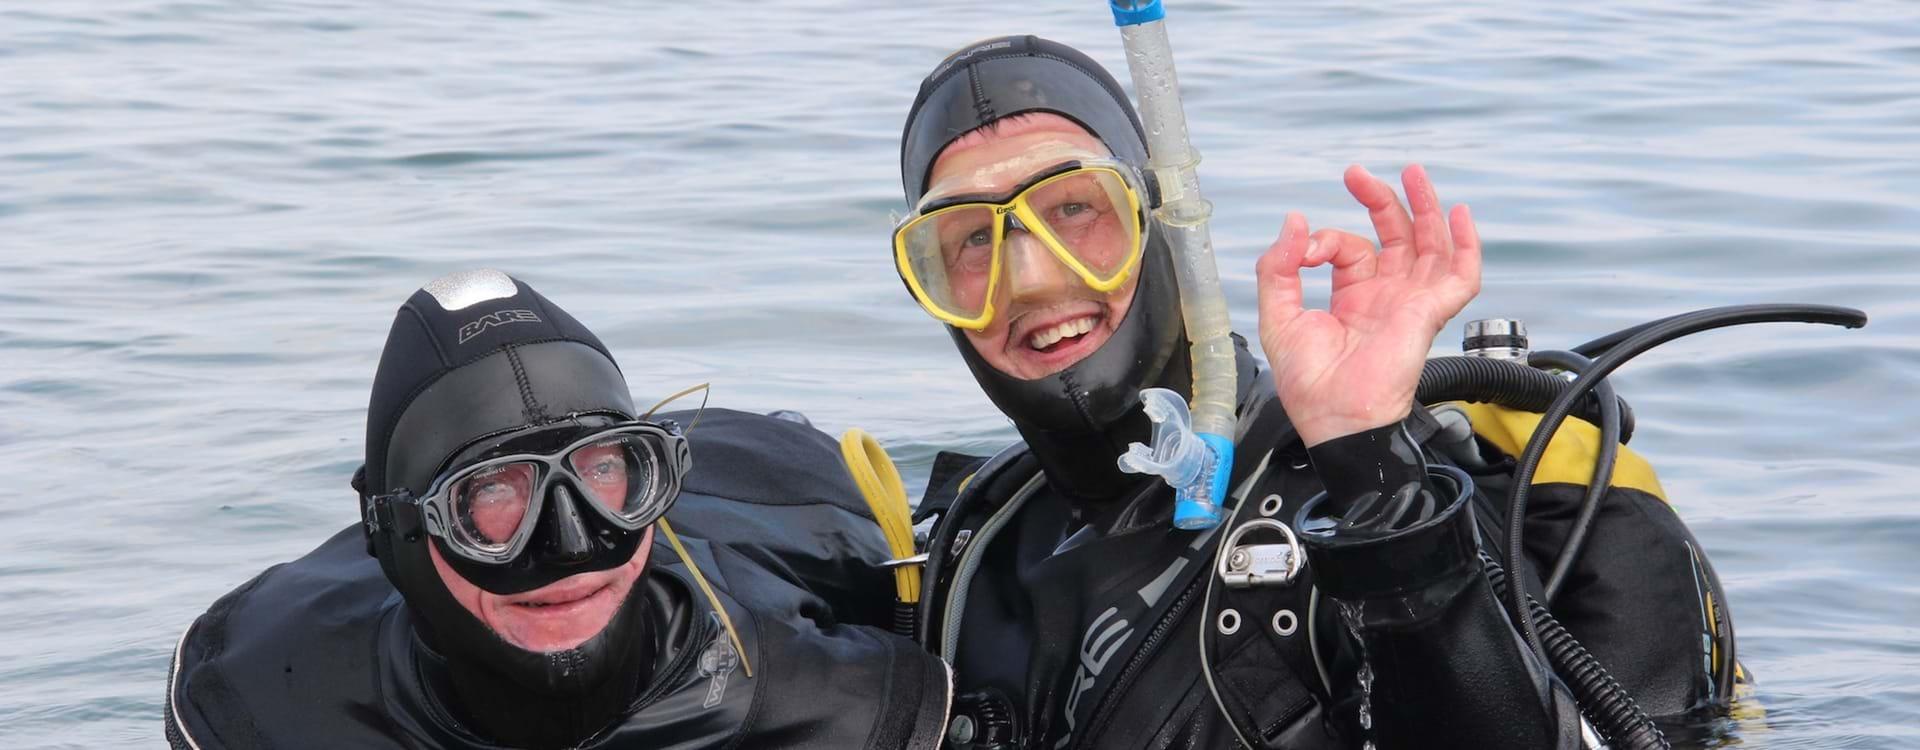 Dykning Peder Og Flemming